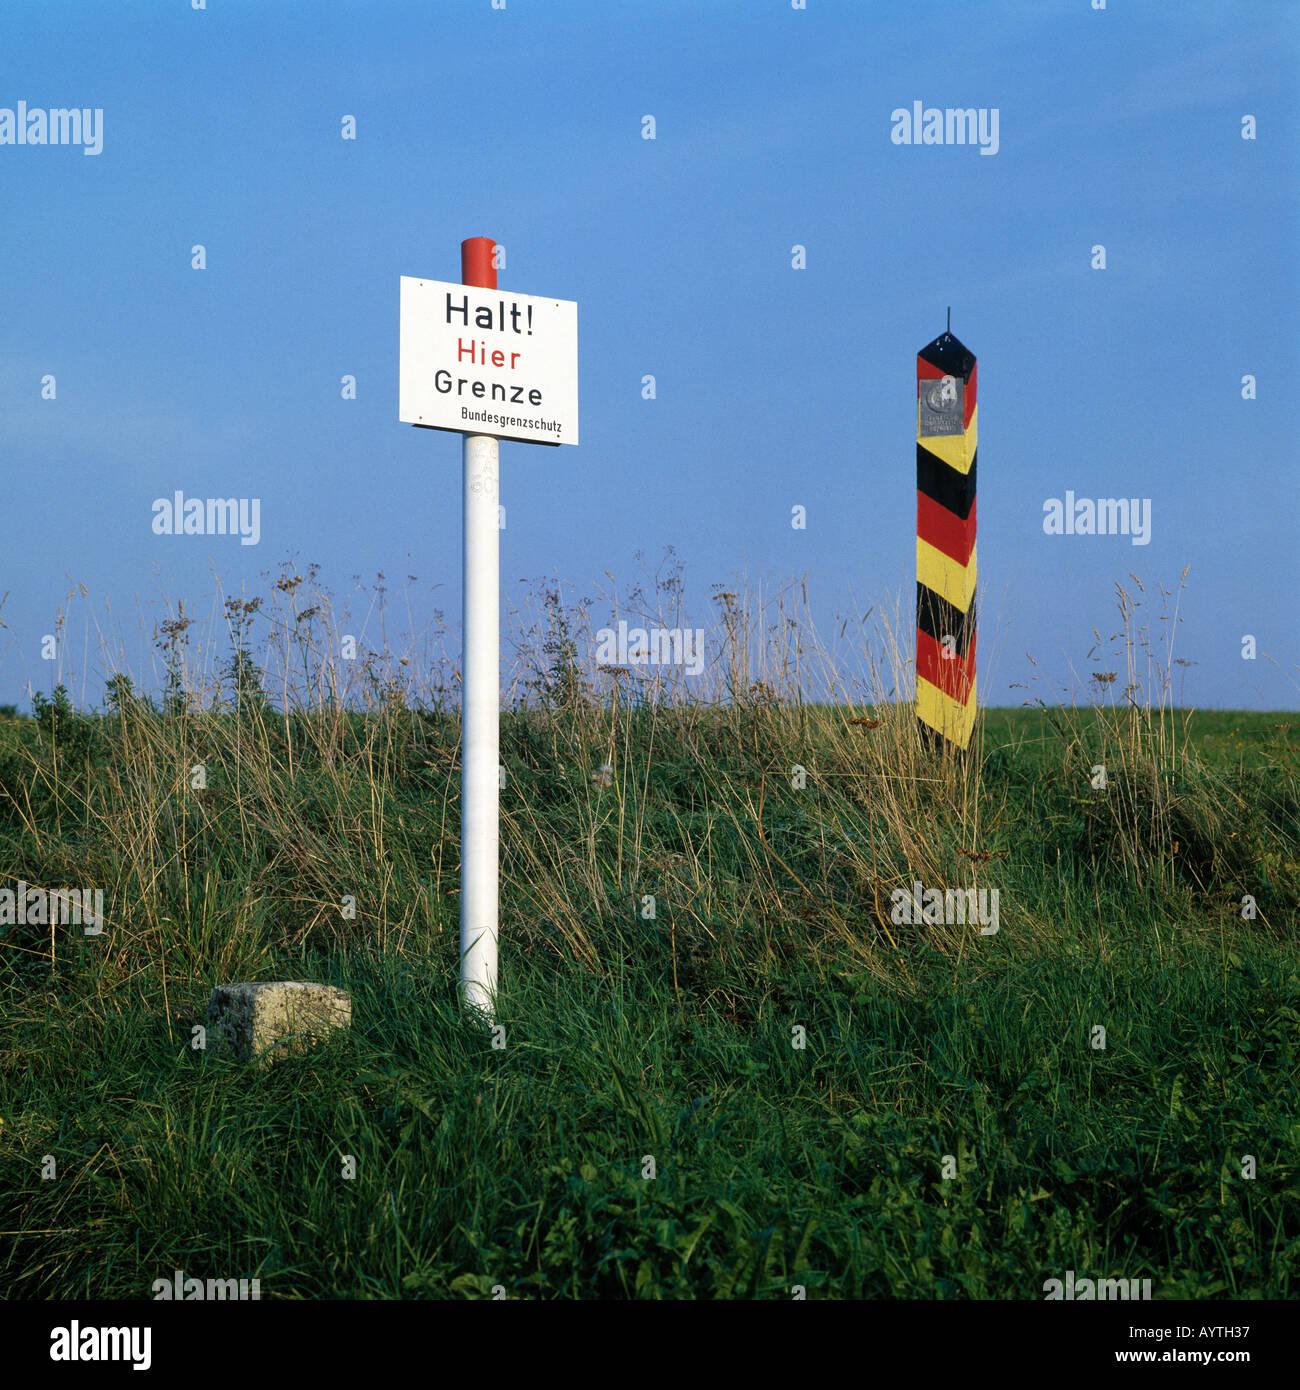 Grenzmarkierung, Grenzpfahl, Warnschild 'Halt! Hier Grenze', Bundesgrenzschutz, ehemalige deutsch-deutsche Grenze bei Walkenried, Naturpark Harz, Nied - Stock Image